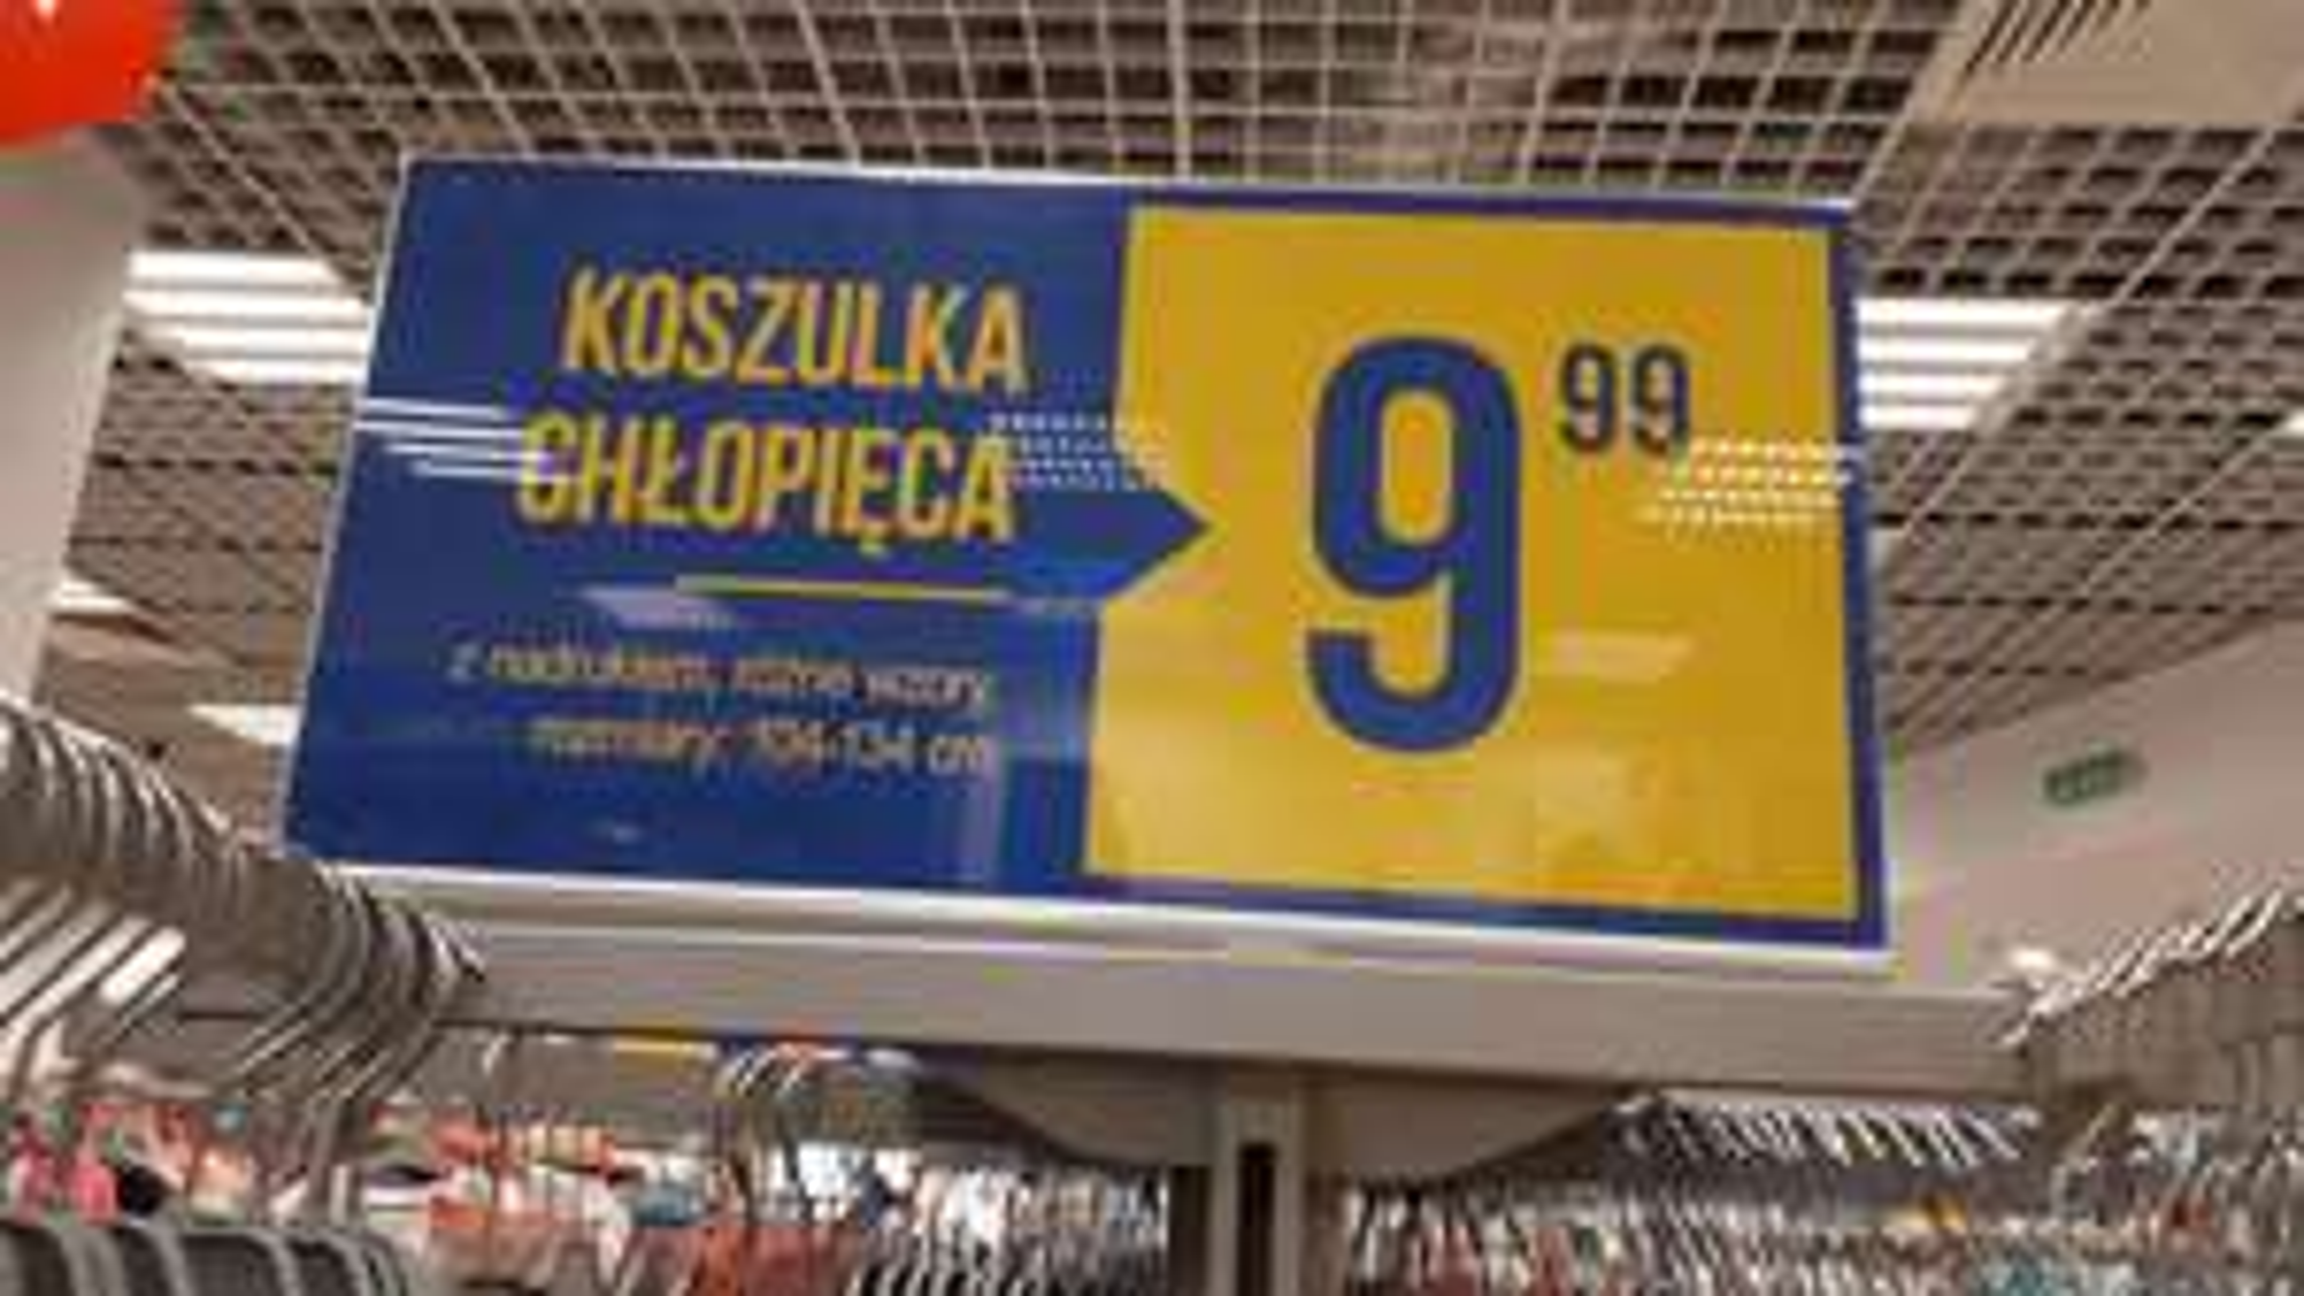 Koszulka chlopczyk/dziewczynka w Pepco za 9,99 zł